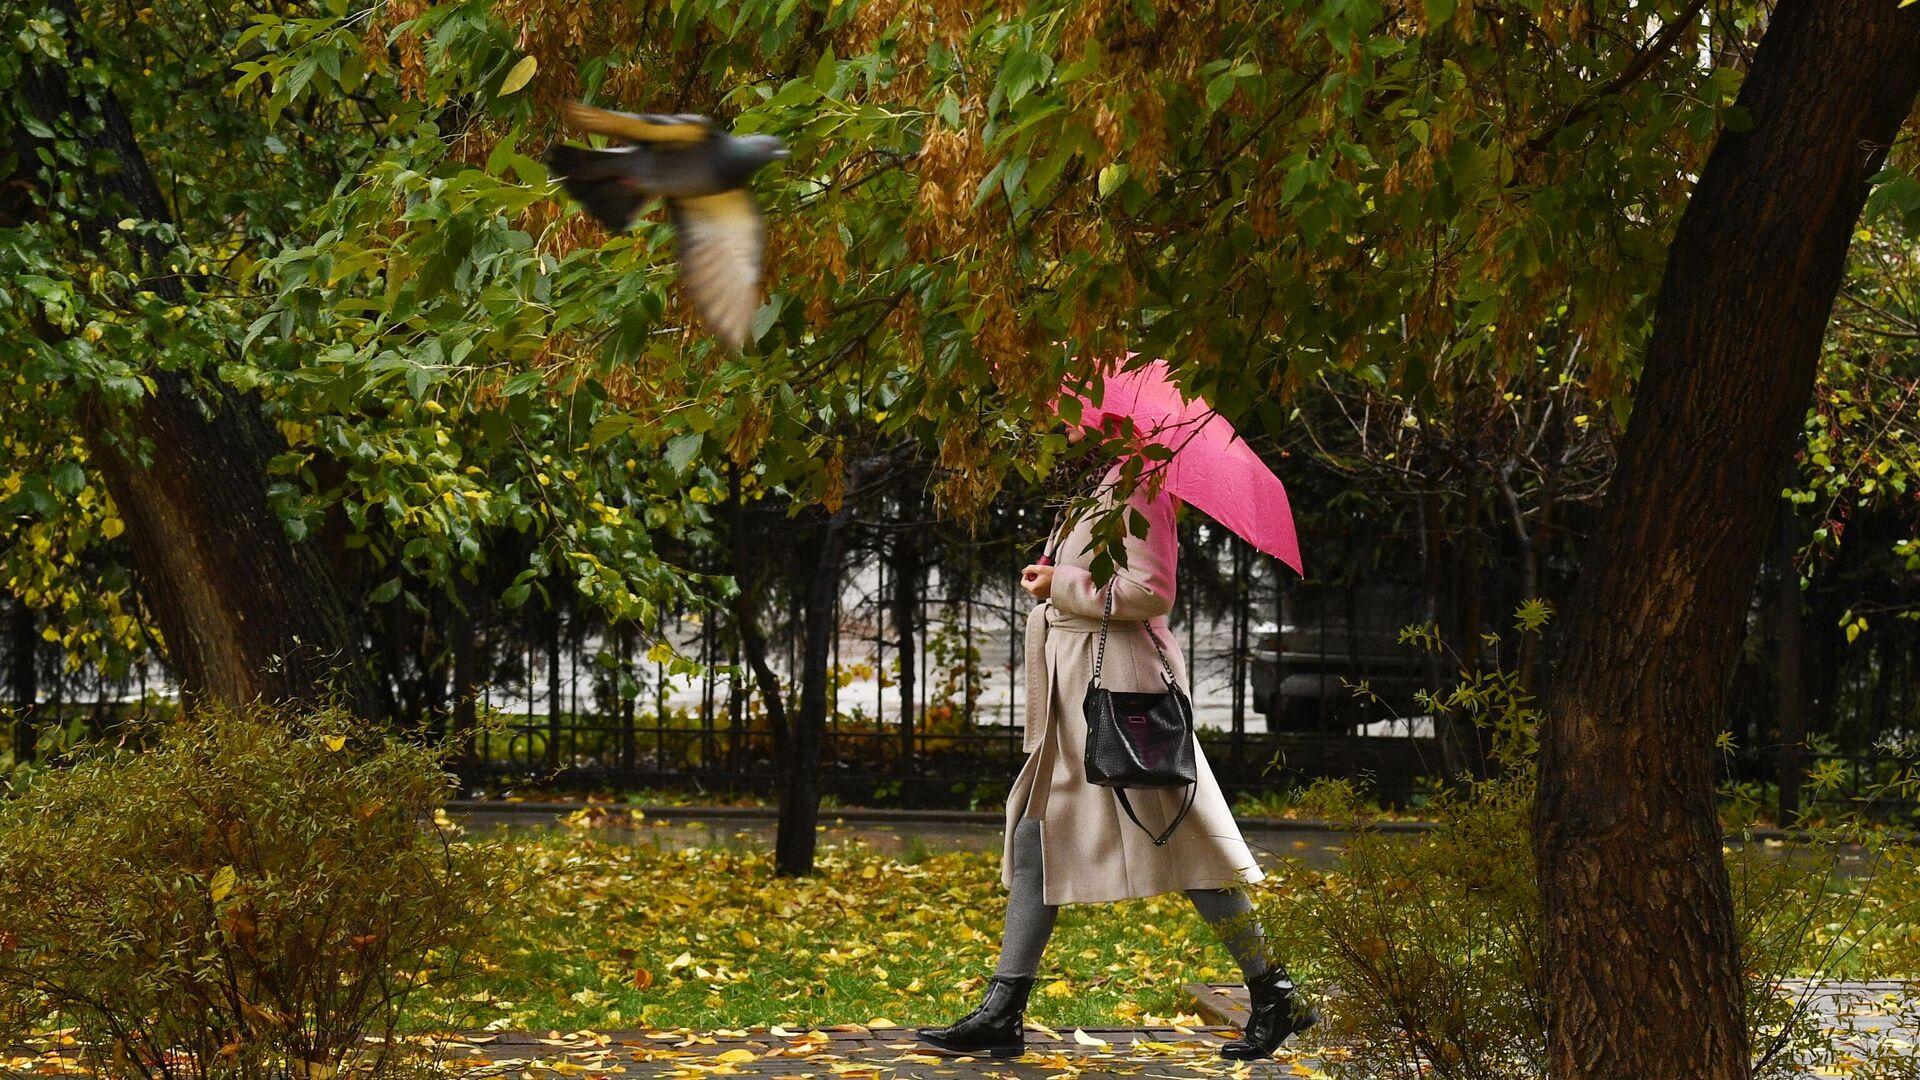 Девушка в сквере во время дождя - РИА Новости, 1920, 19.10.2020